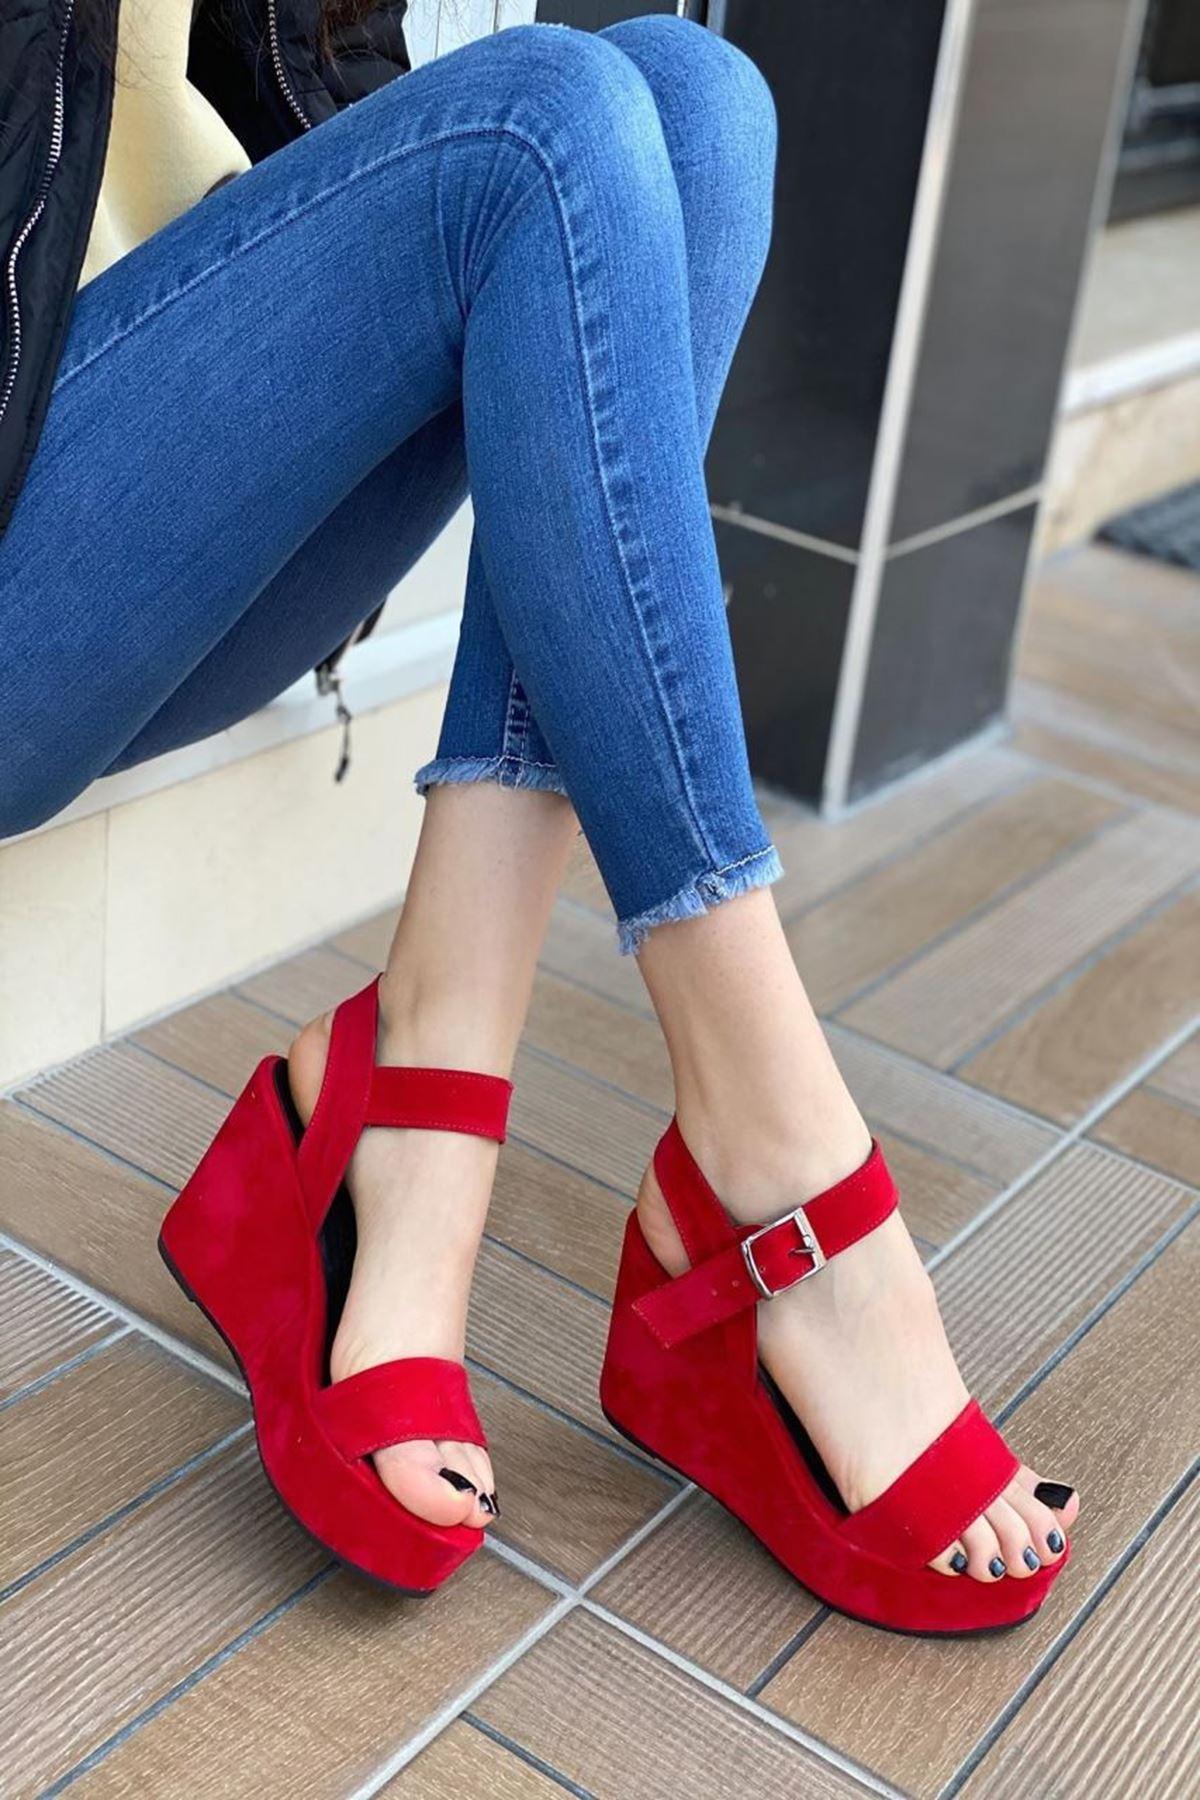 Kadın Methone Kırmızı Dolgu Topuk Ayakkabı